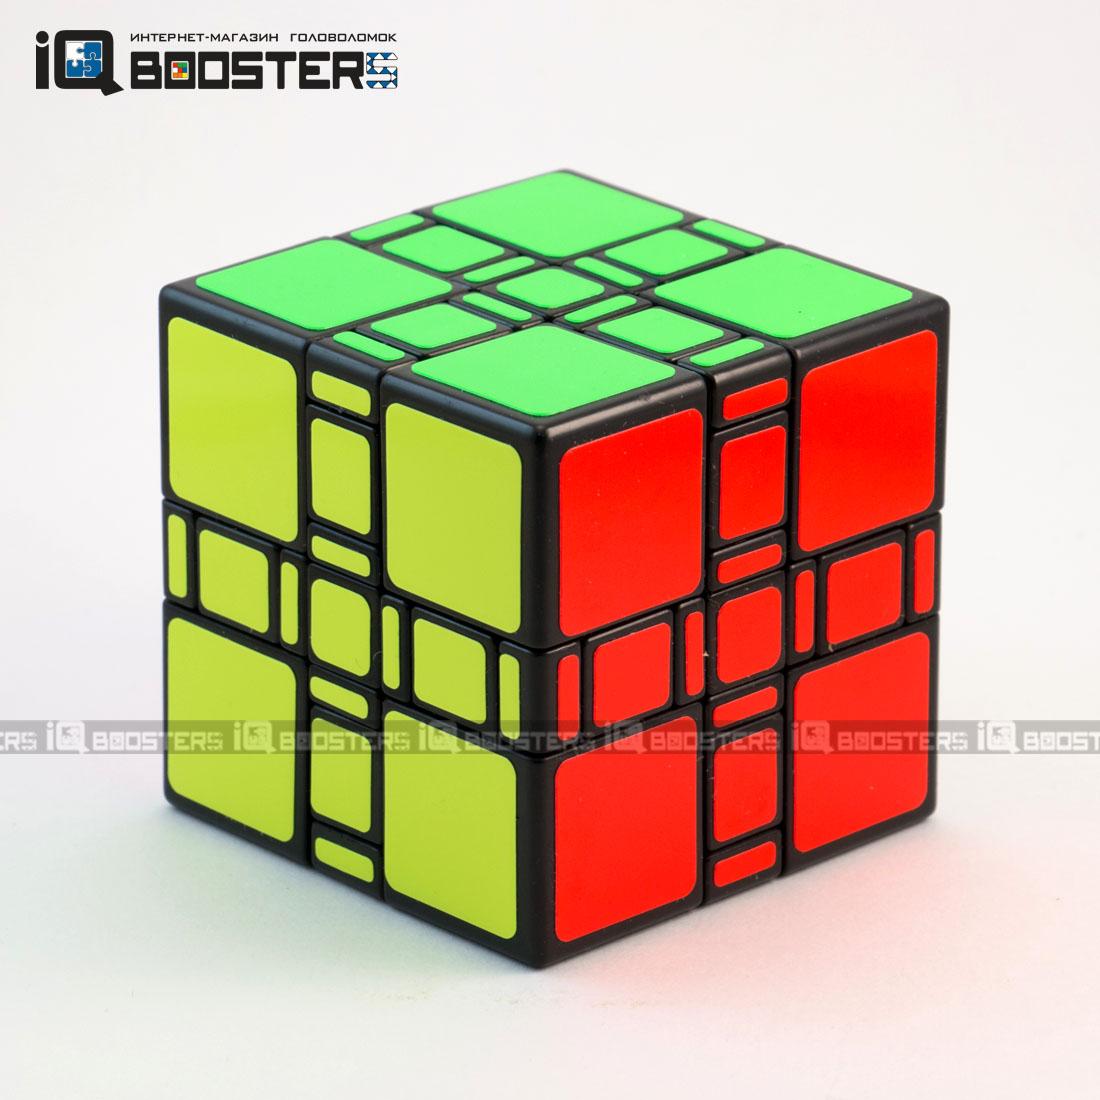 limcube_super_mixup_1